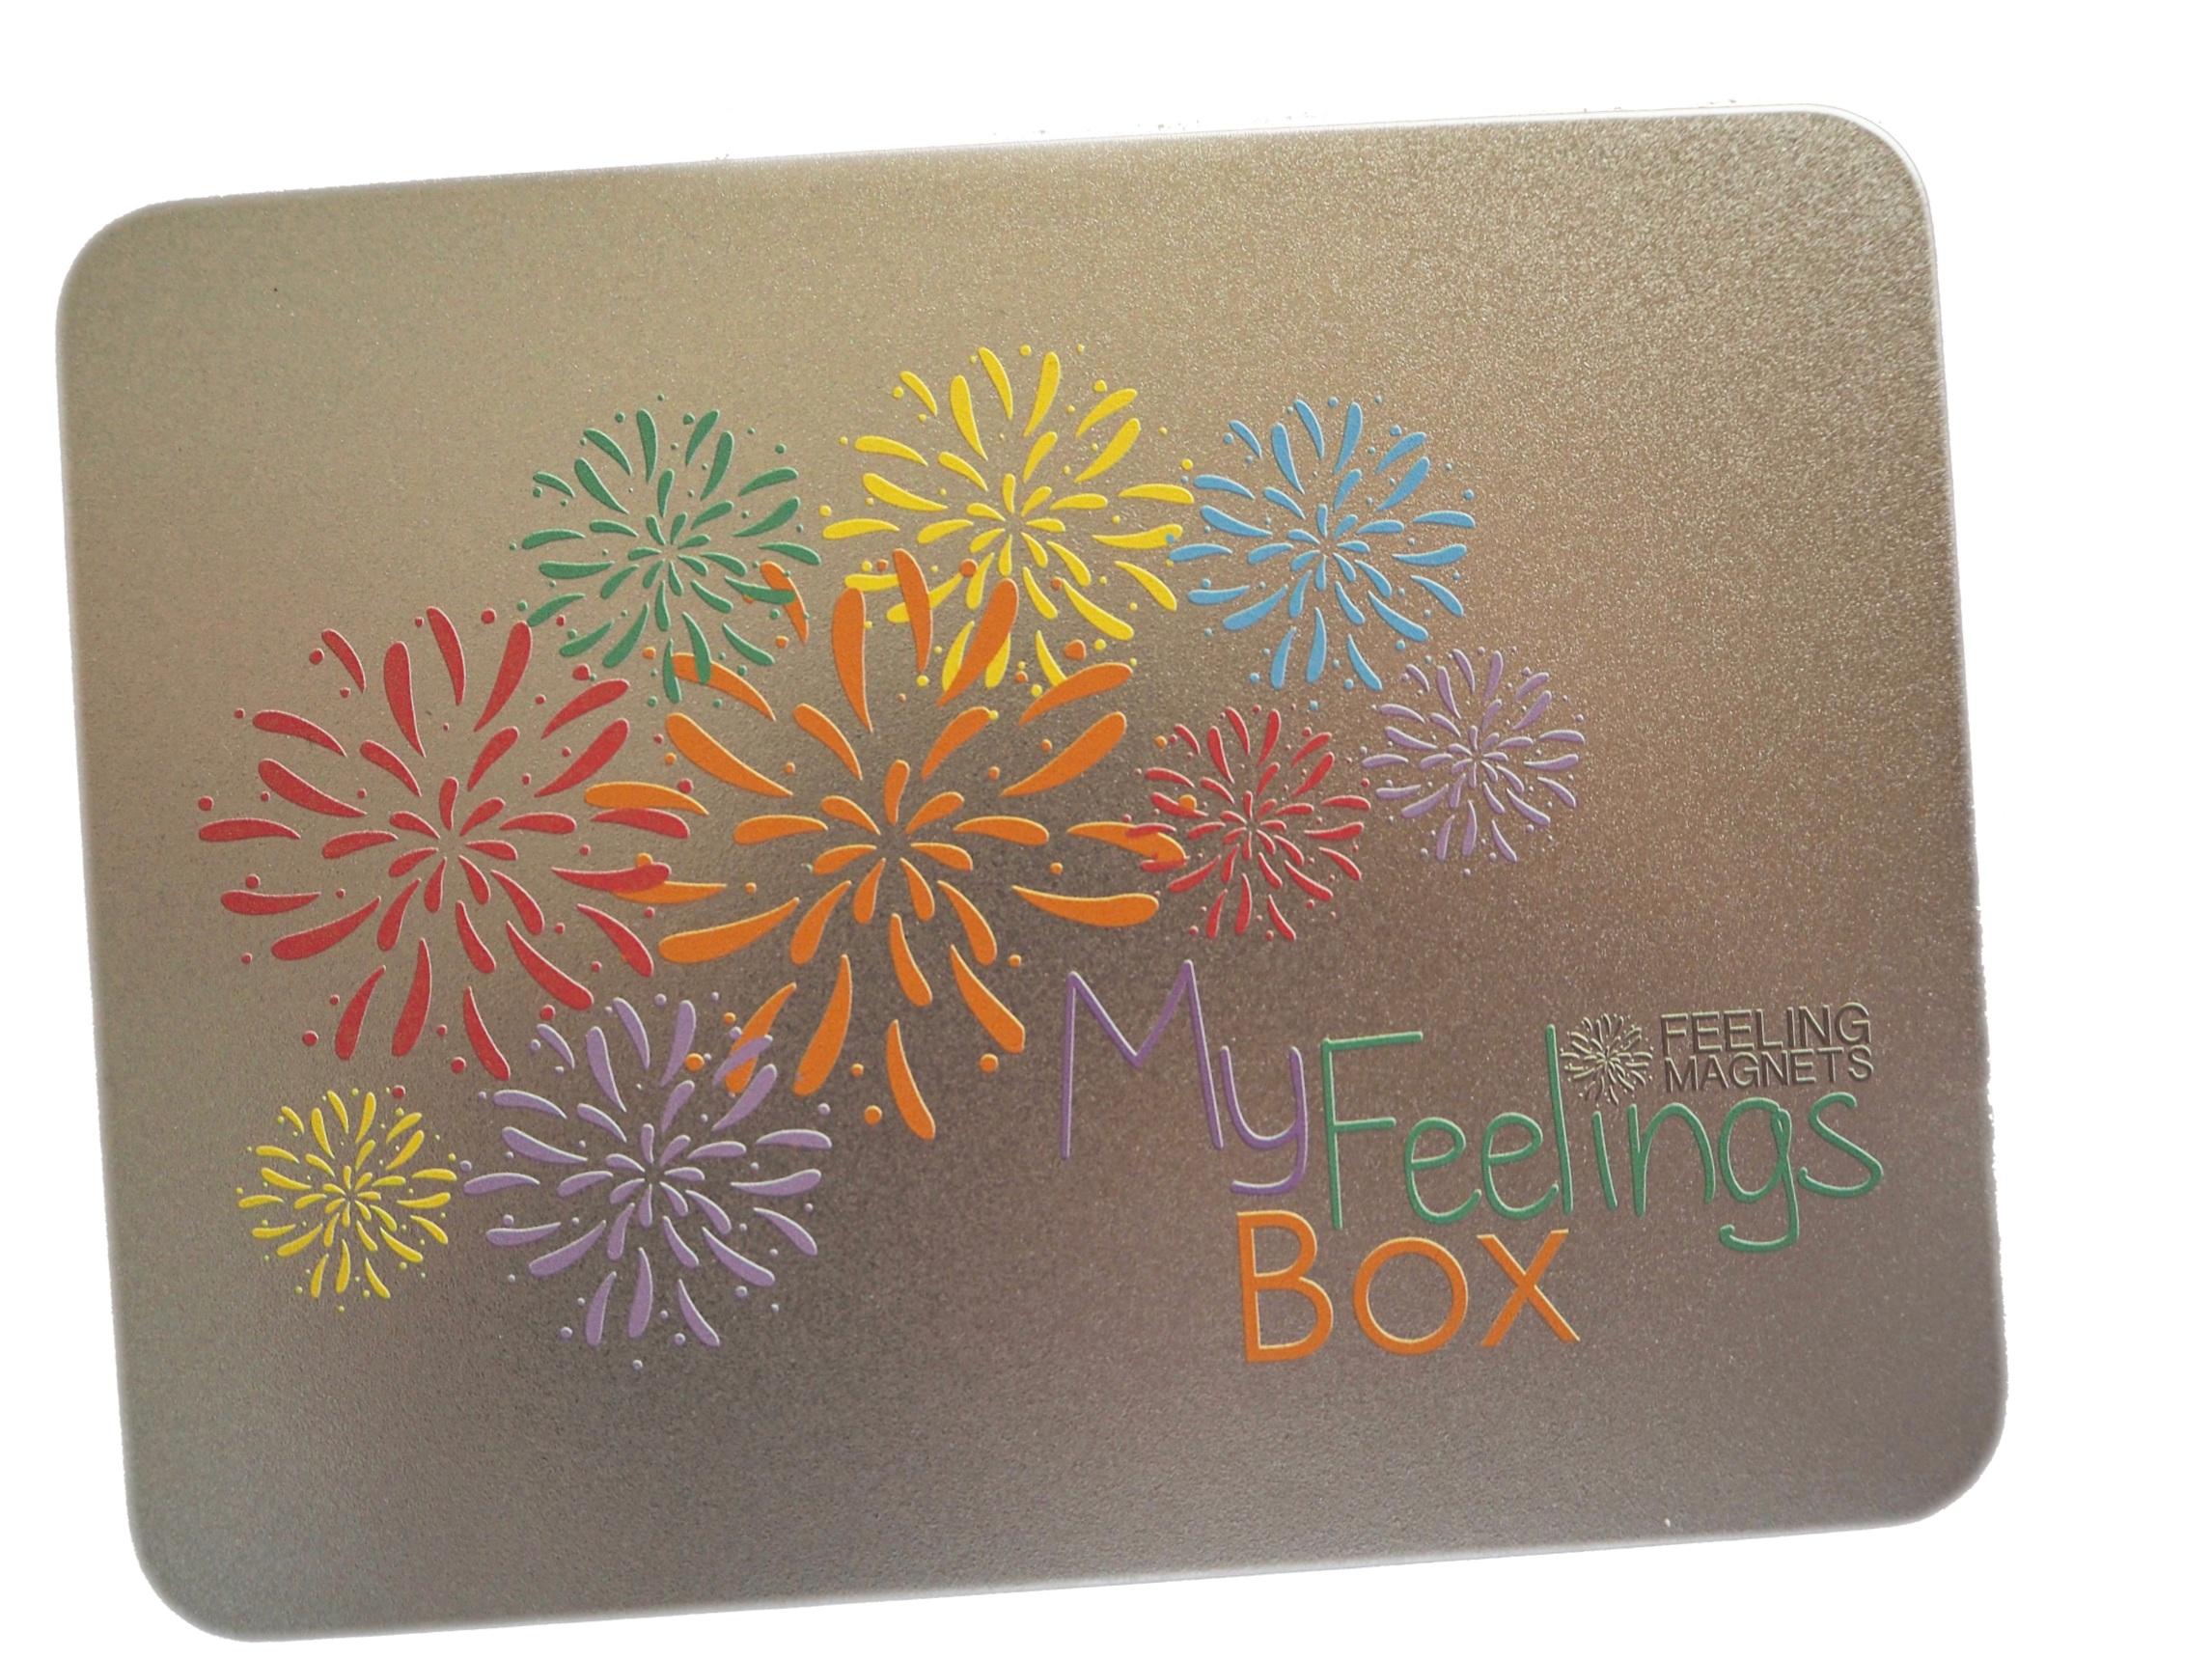 My+Feelings+Box